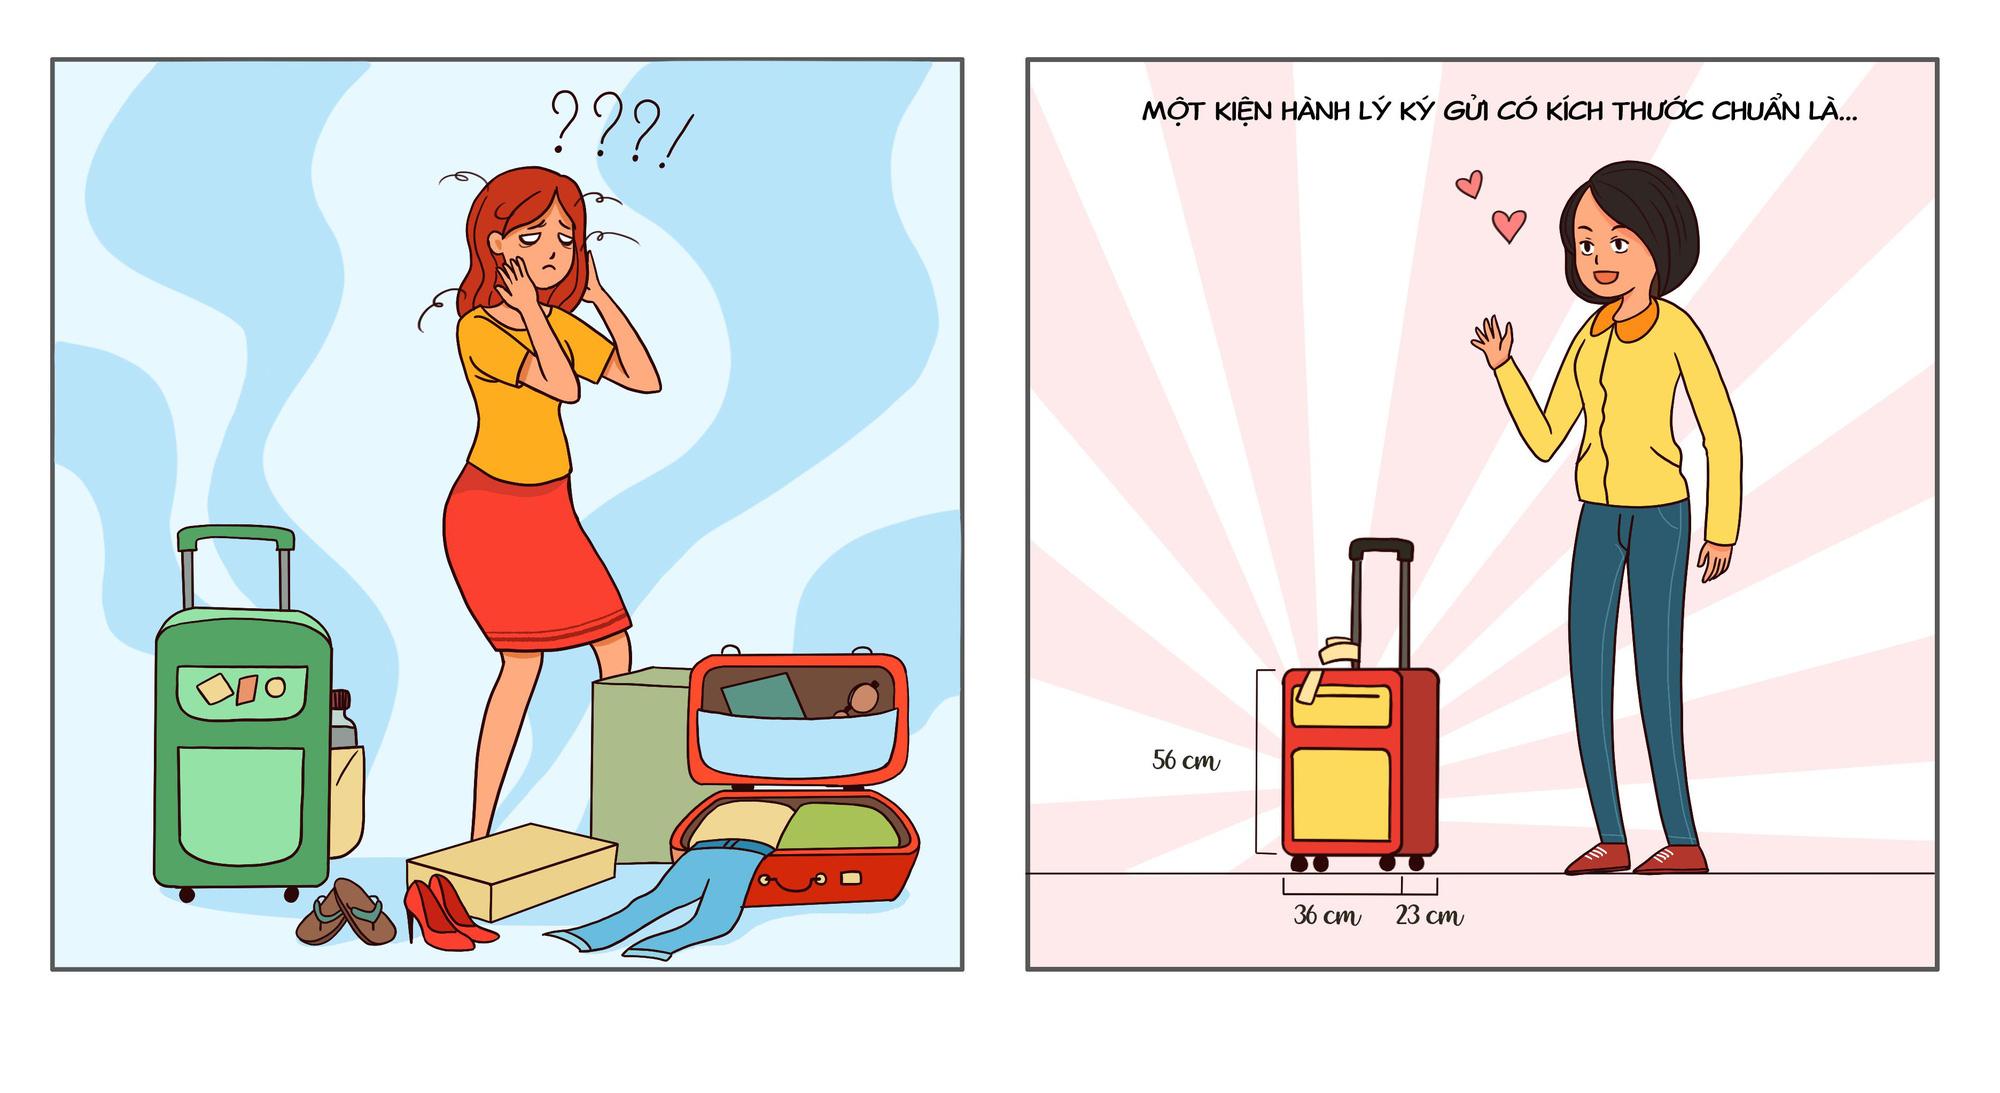 Chưa bước lên máy bay đã biết chuyến này chơi vui hay chơi quạu, cứ nhìn hành lý xách tay là biết - Ảnh 2.